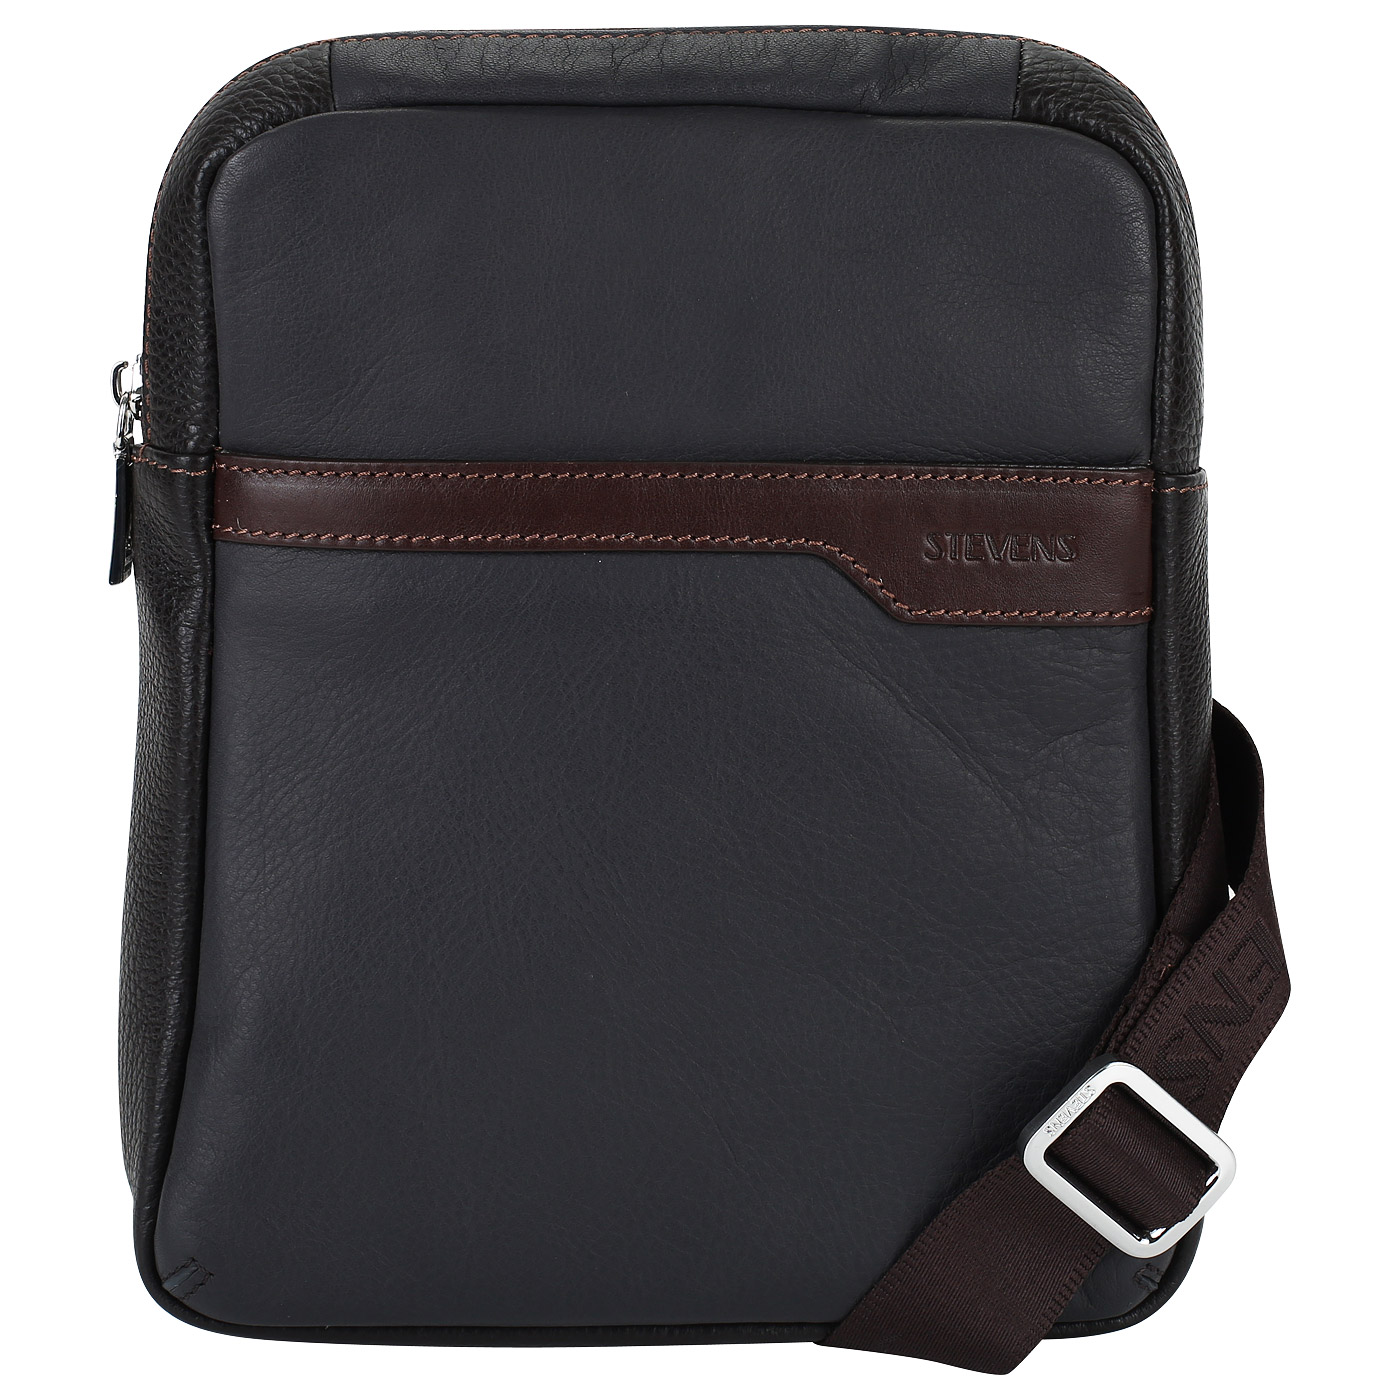 f99338475e23 Кожаная мужская сумка-планшет Stevens Кожаная мужская сумка-планшет Stevens  ...